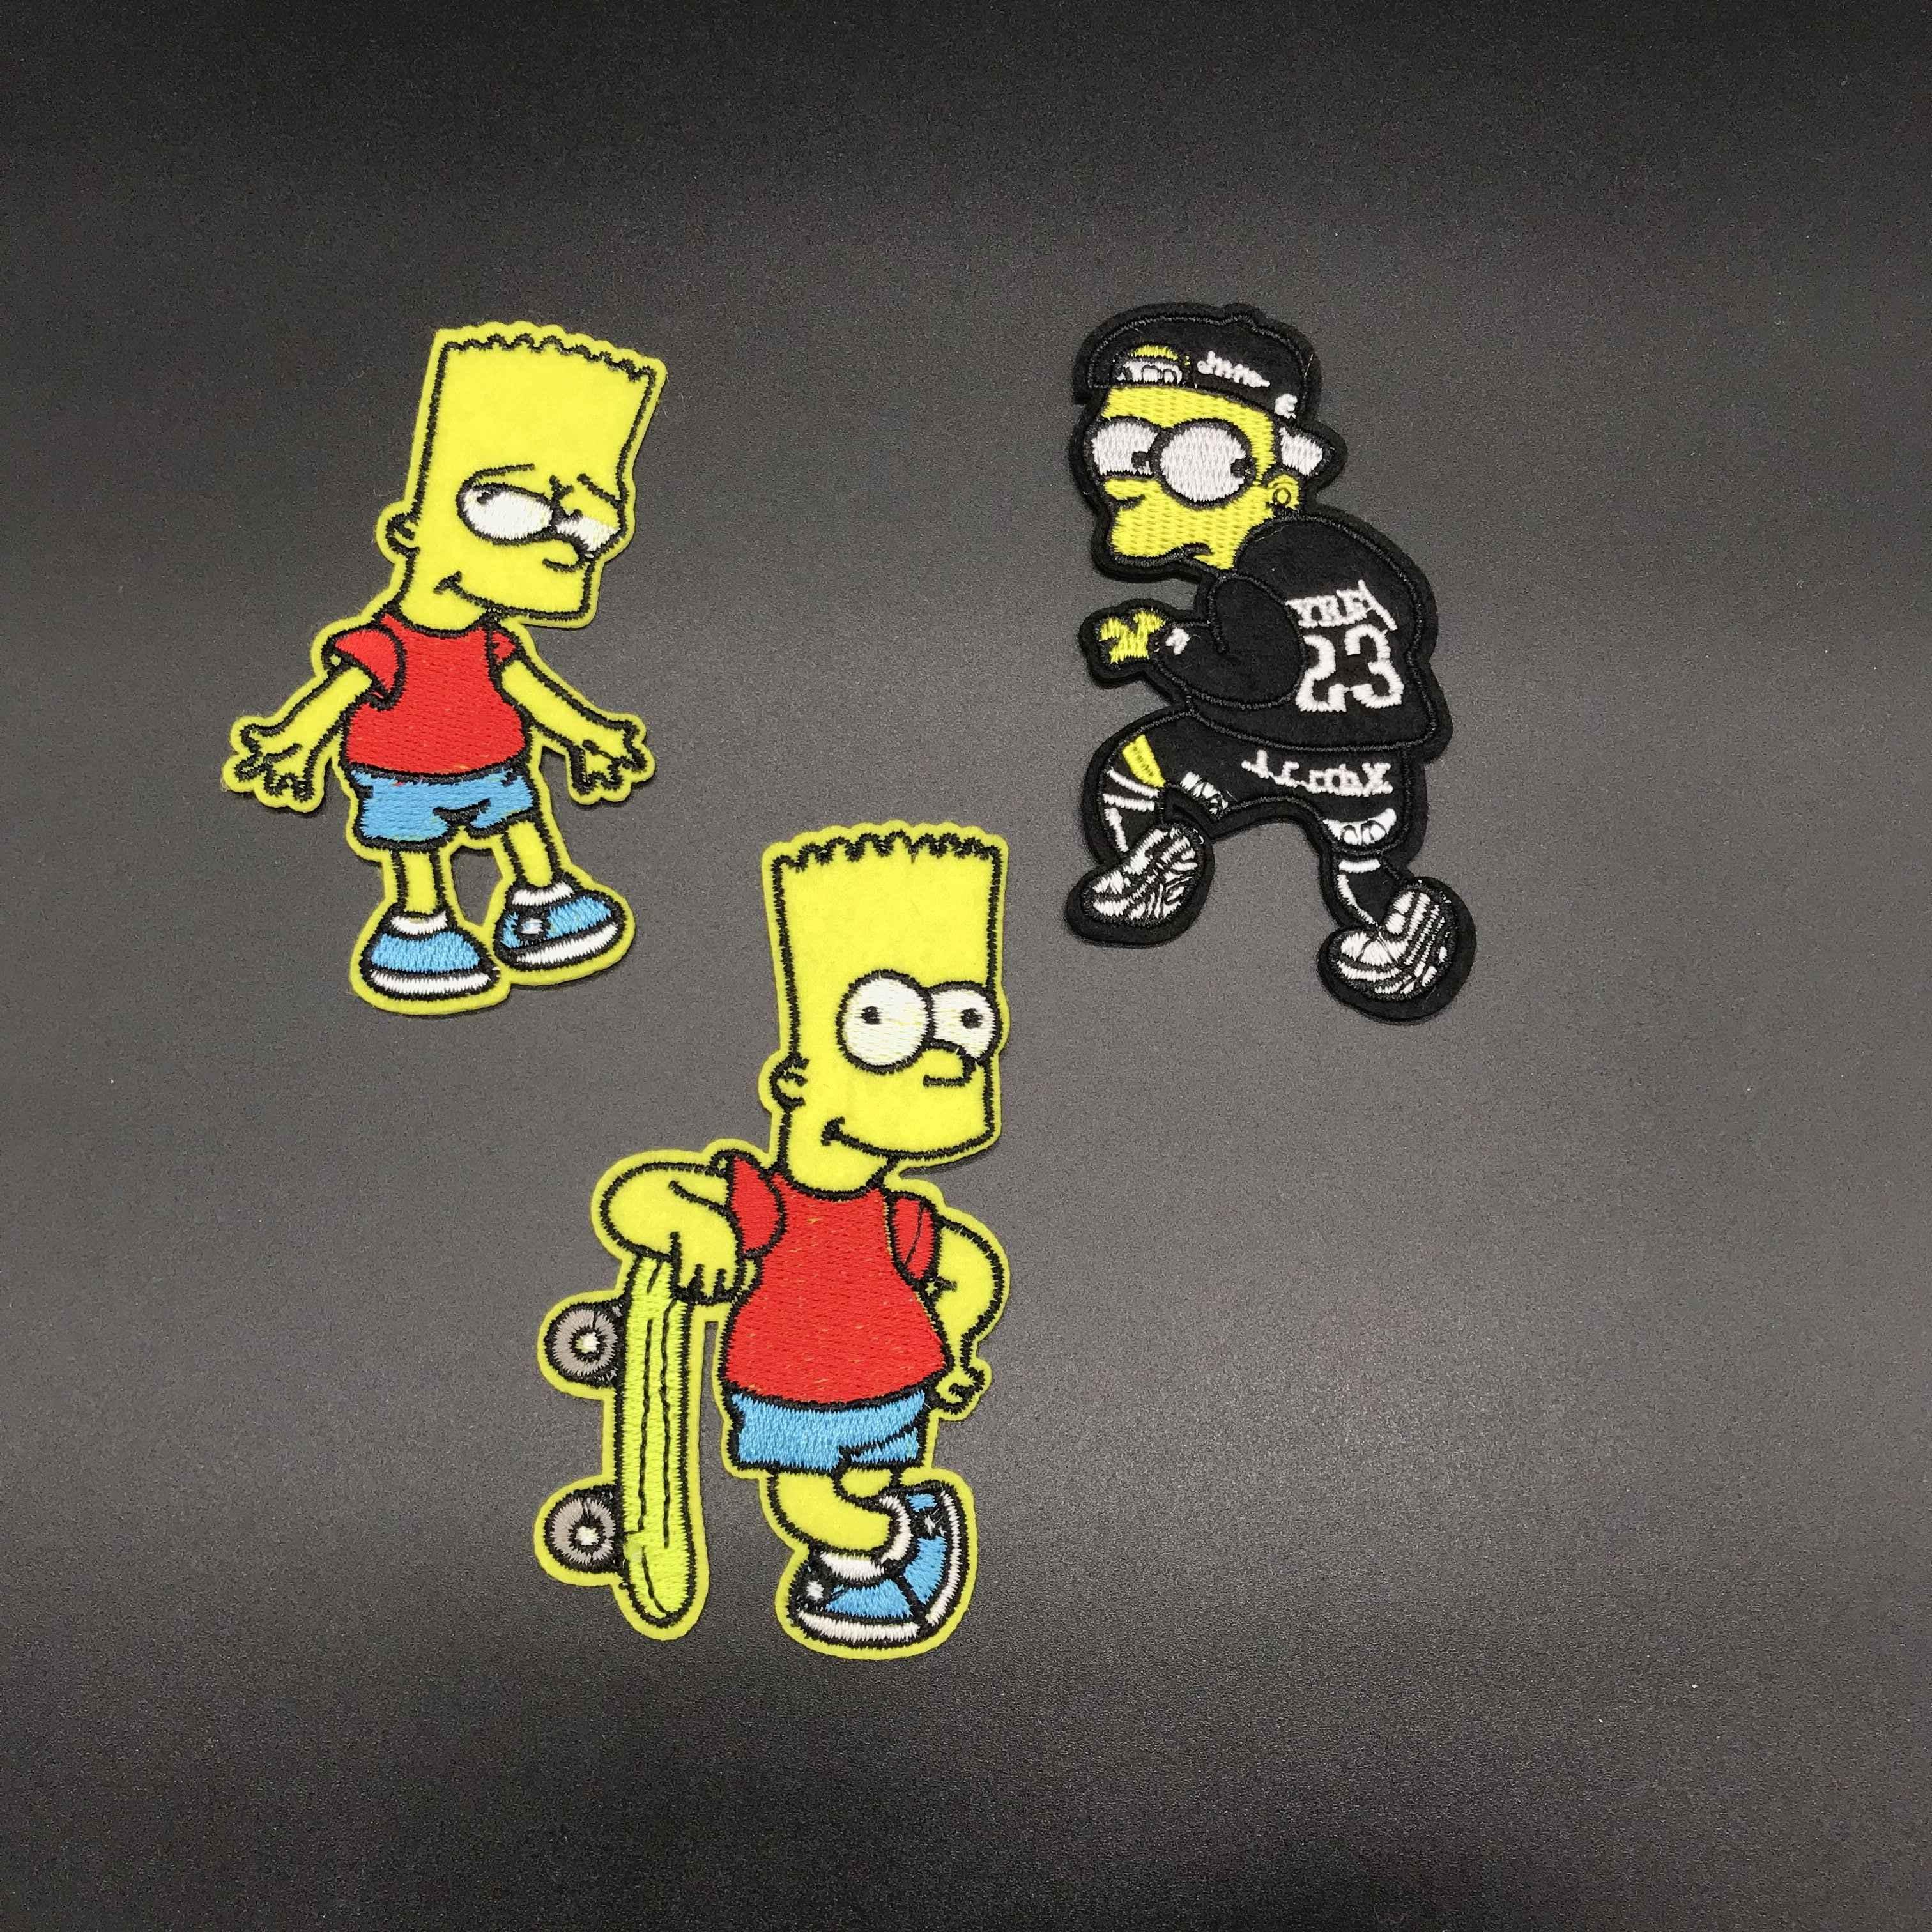 مطرزة القماش شكل خليط الكرتون سيمبسون الحديد على للفتيات الفتيان الملابس ملصقات الملابس الملابس والاكسسوارات